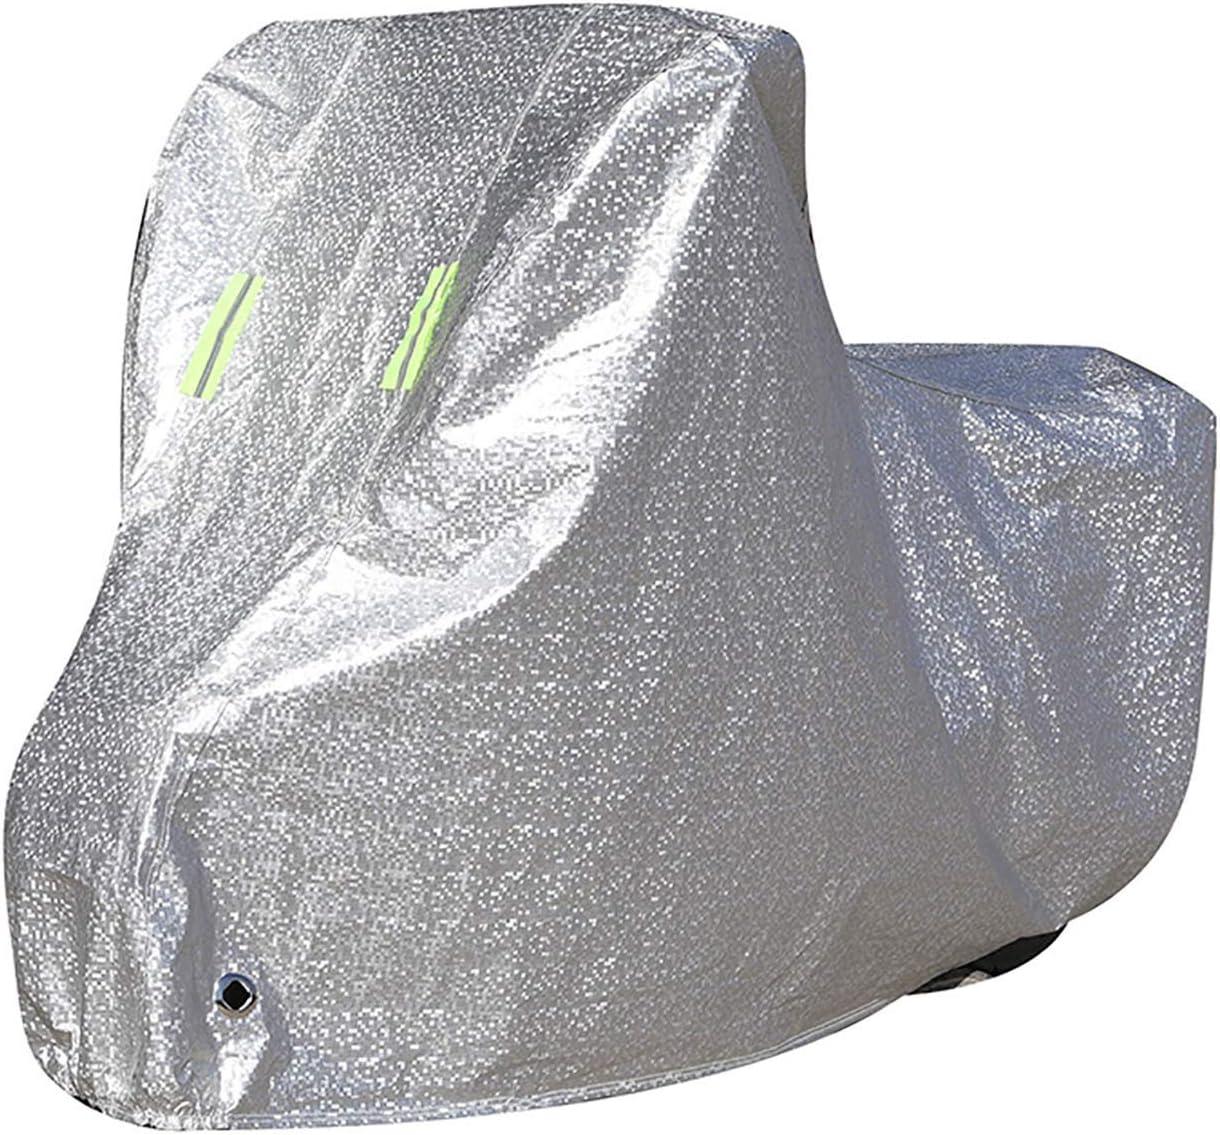 Funda para Moto Compatible con la cubierta de motocicleta SOCO TS PRO, cubierta de scooter de protección al aire libre para todas las estaciones, materiales compuestos con revestimiento de PE Durable